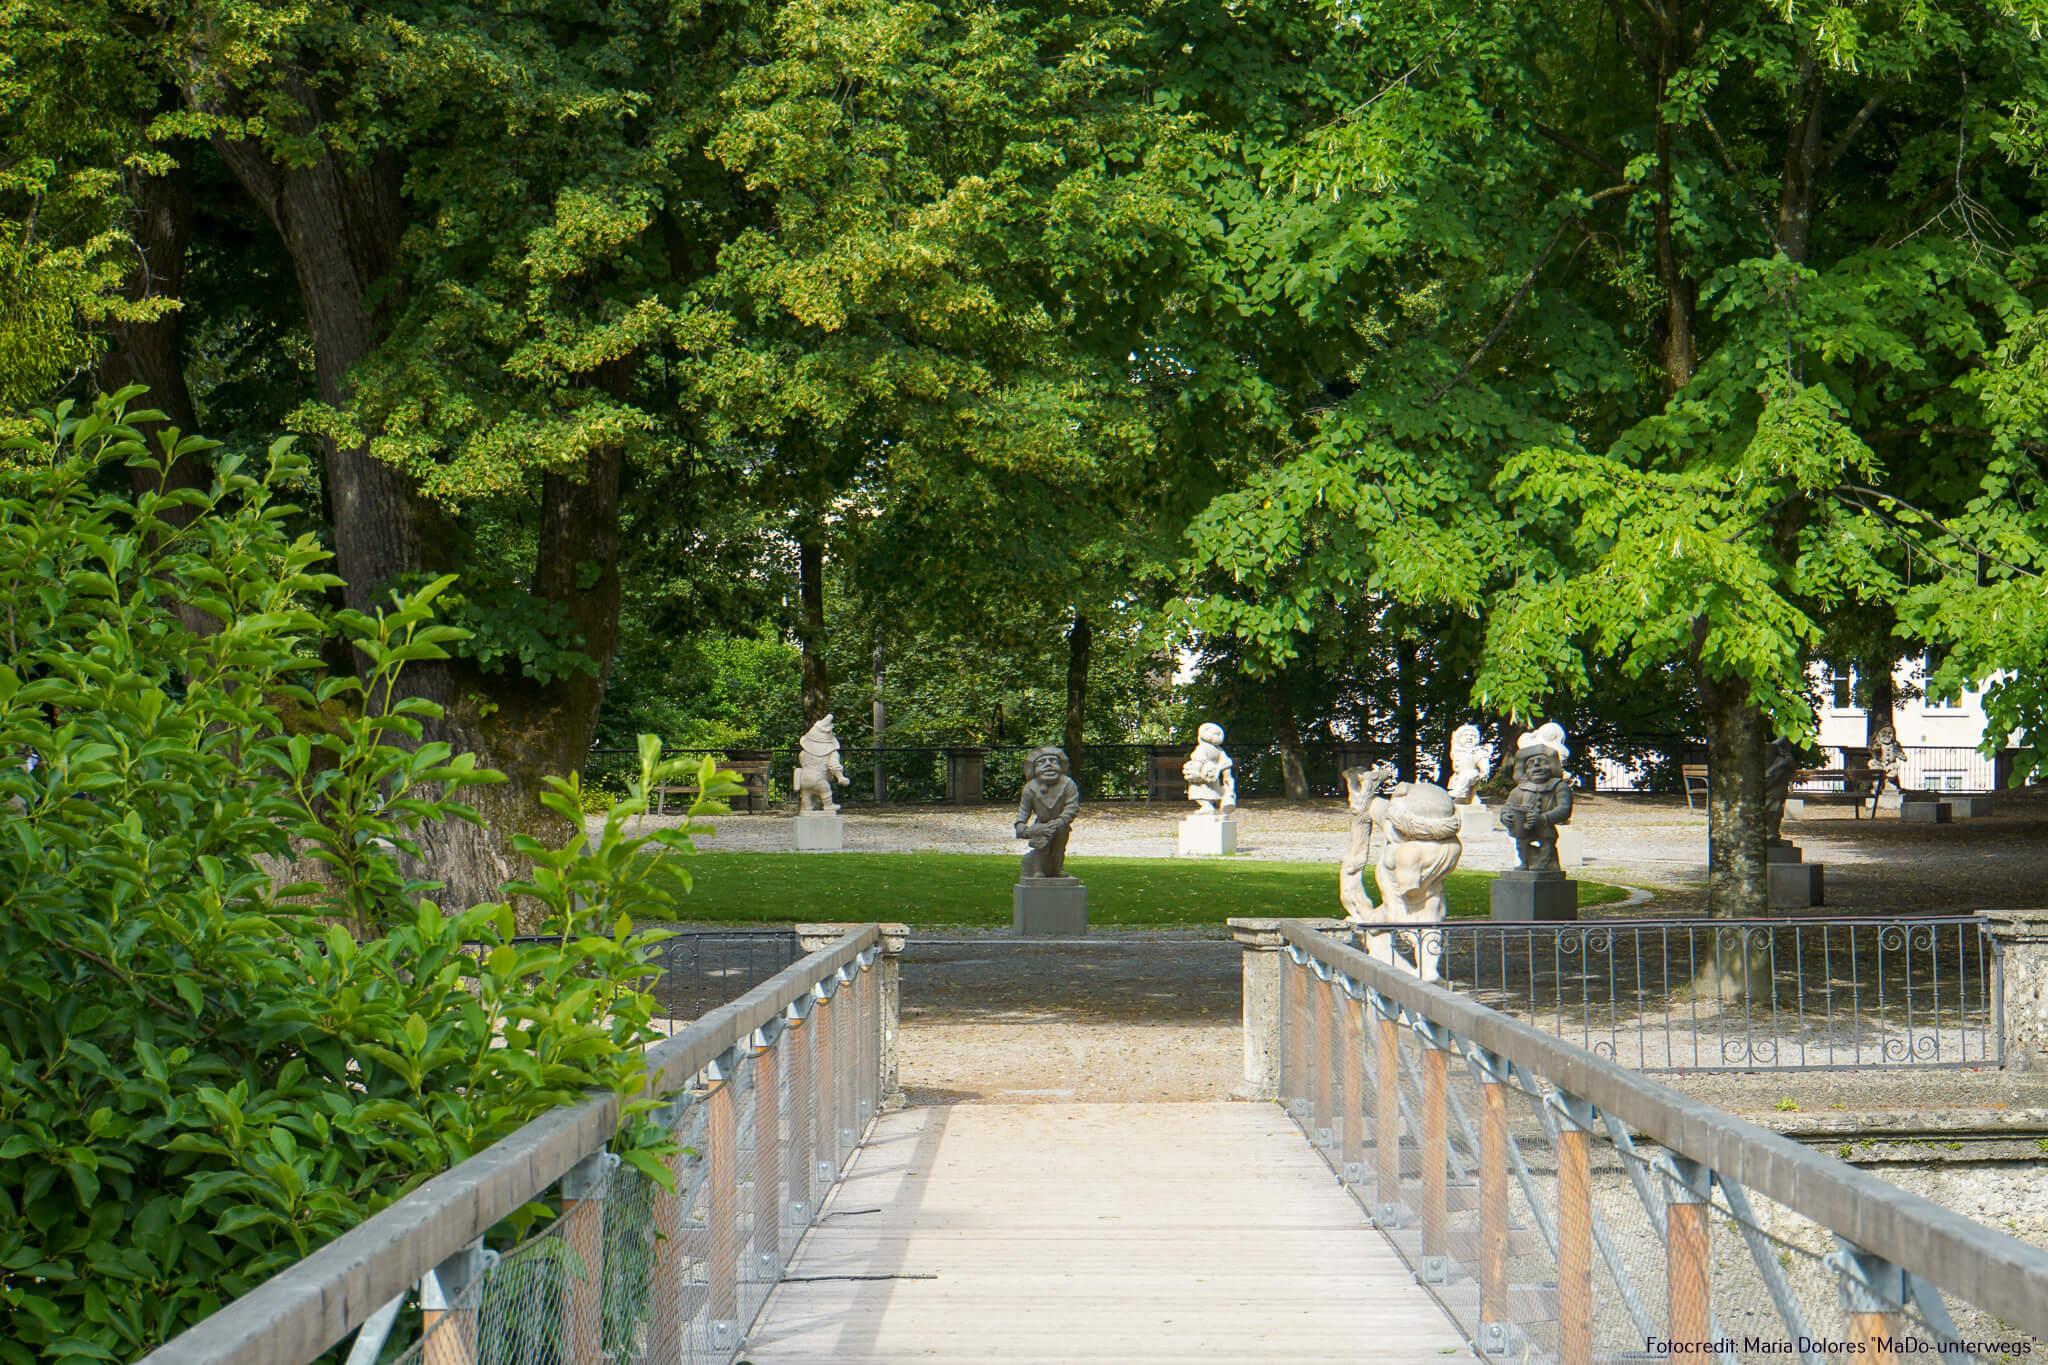 Zwergerlgarten - Mirabellgarten [10 Tage Roadtrip Salzburg]